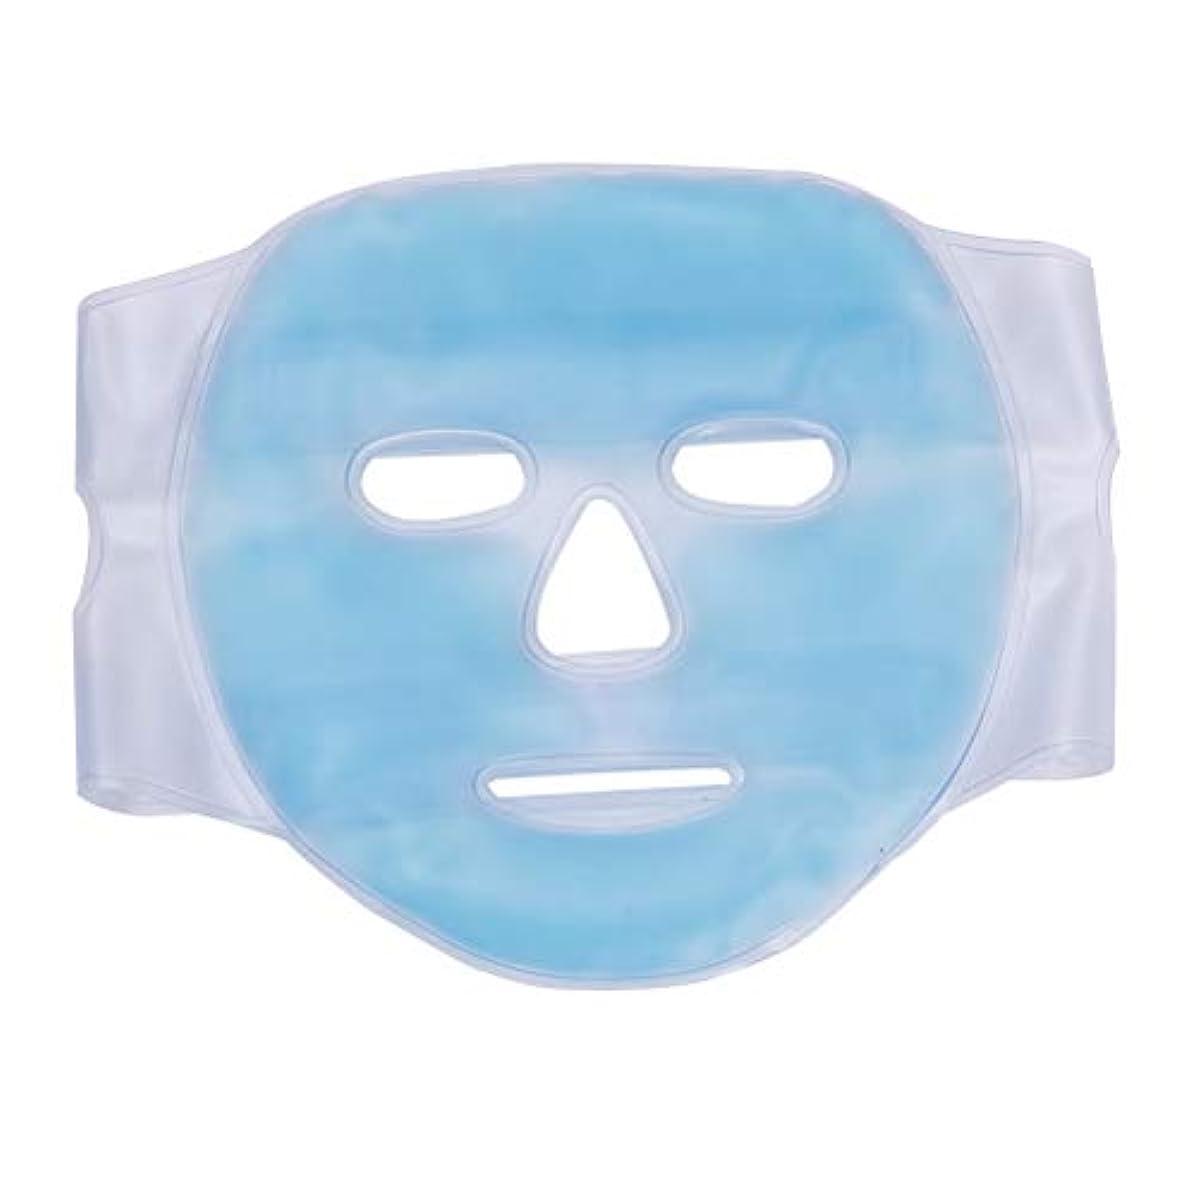 過敏な心配する純正Healifty Gelコールド&ホットコンプレッションフェイシャルPVCアイスマスクフェイス(腫れぼったい顔用)ふくらんでいる目ダークサークル(ブルー)